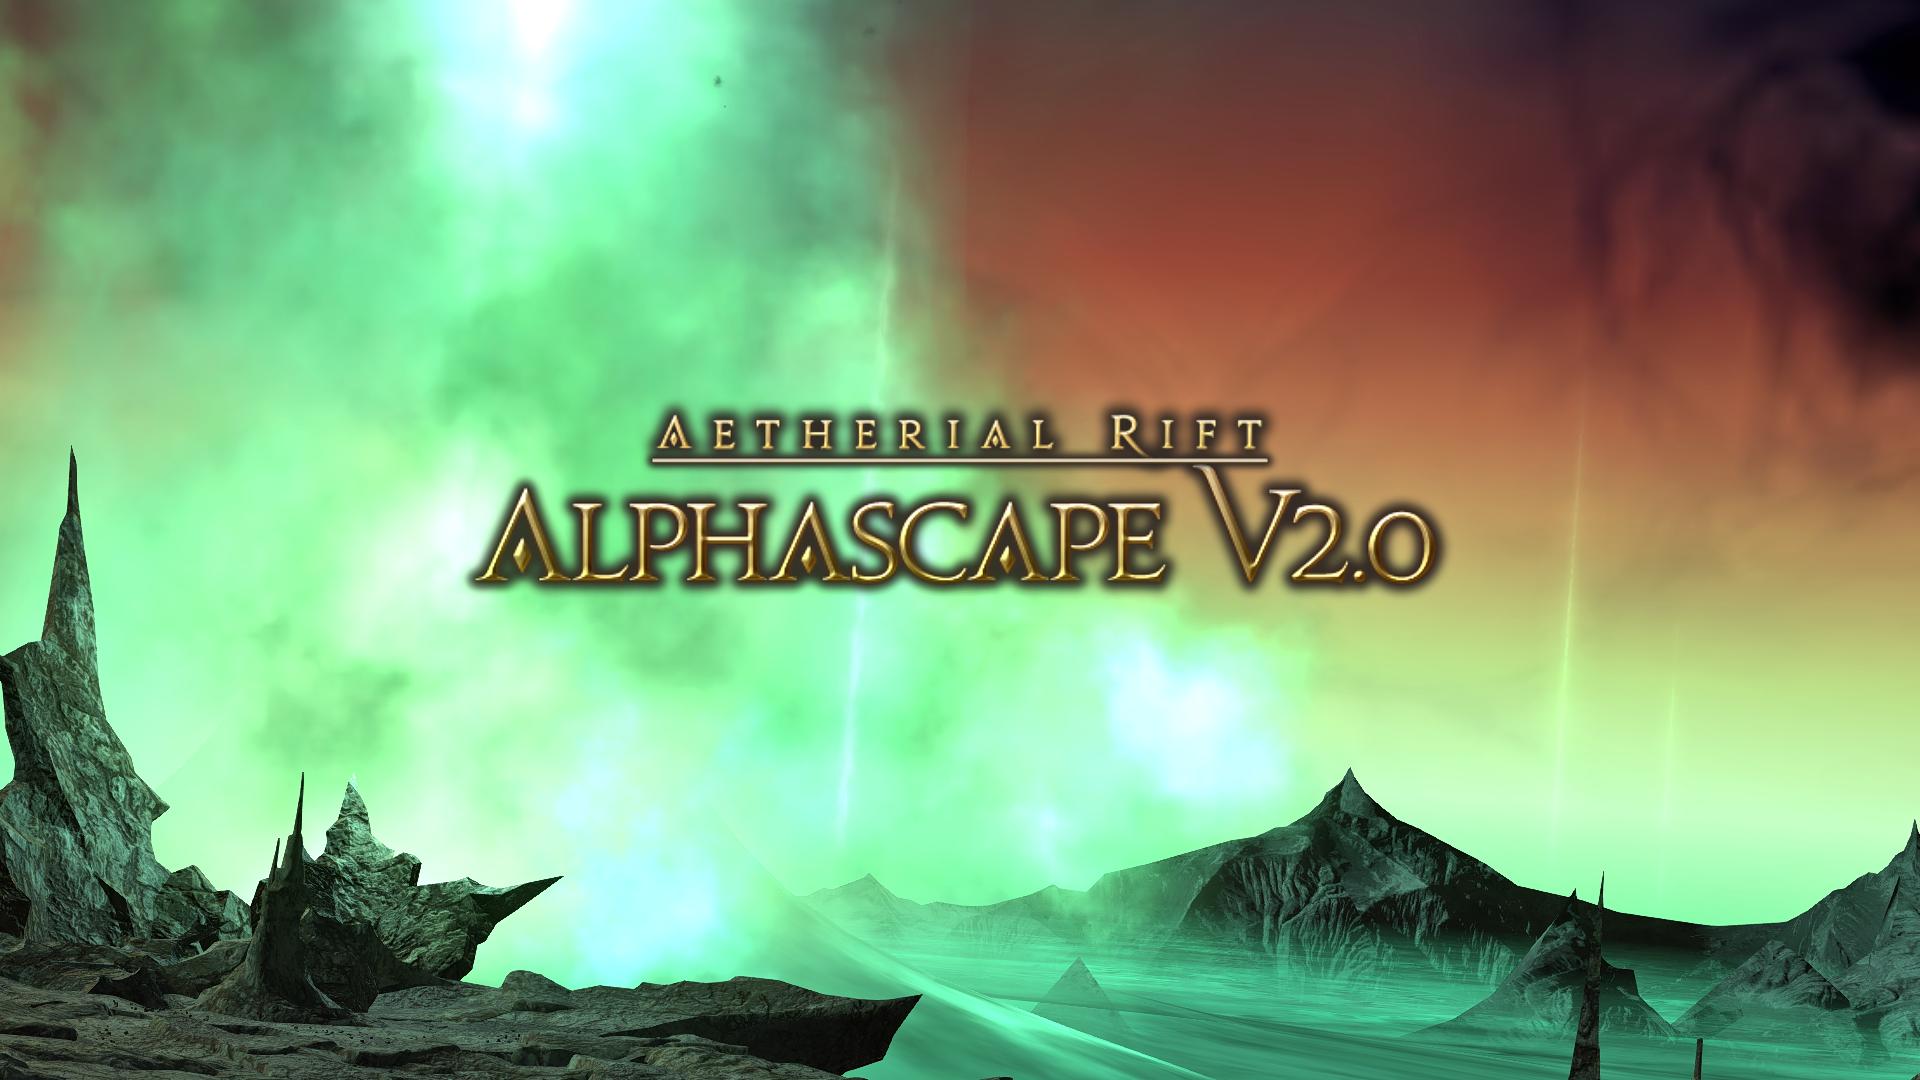 Alphascape V2 0   Final Fantasy Wiki   FANDOM powered by Wikia